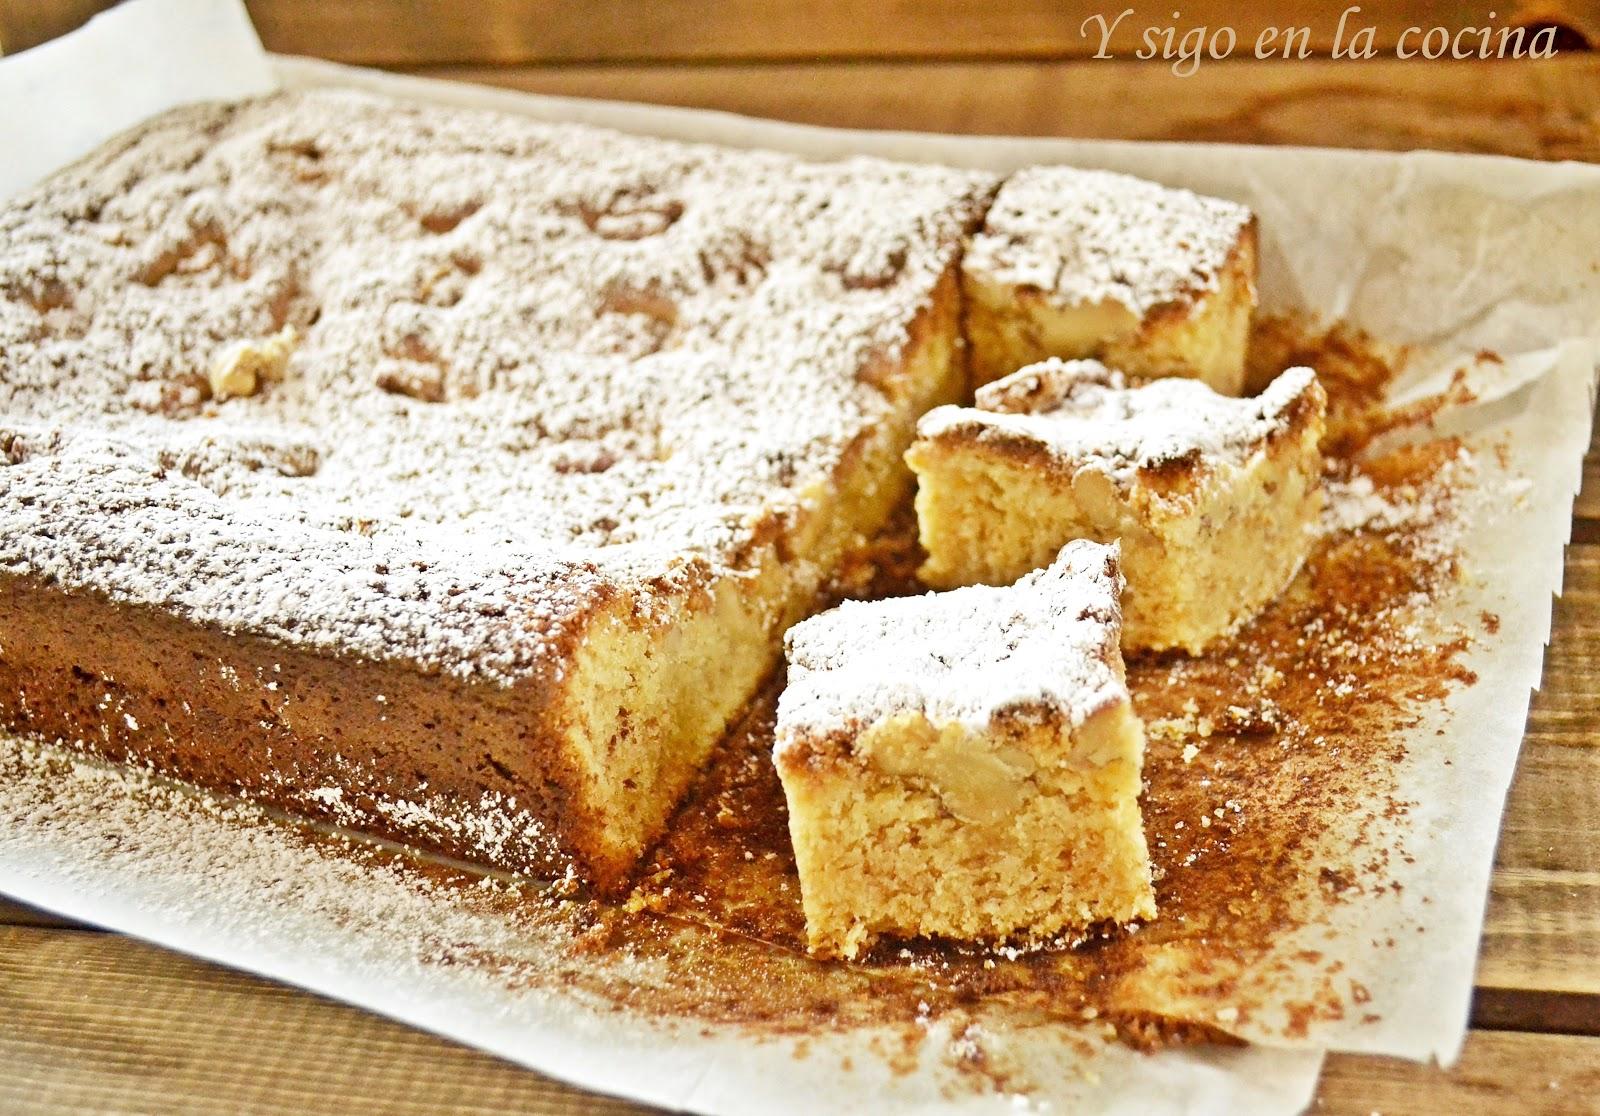 Baño Blanco Thermomix: cocina: Bizcocho al chocolate blanco con nueces y aroma de almendras